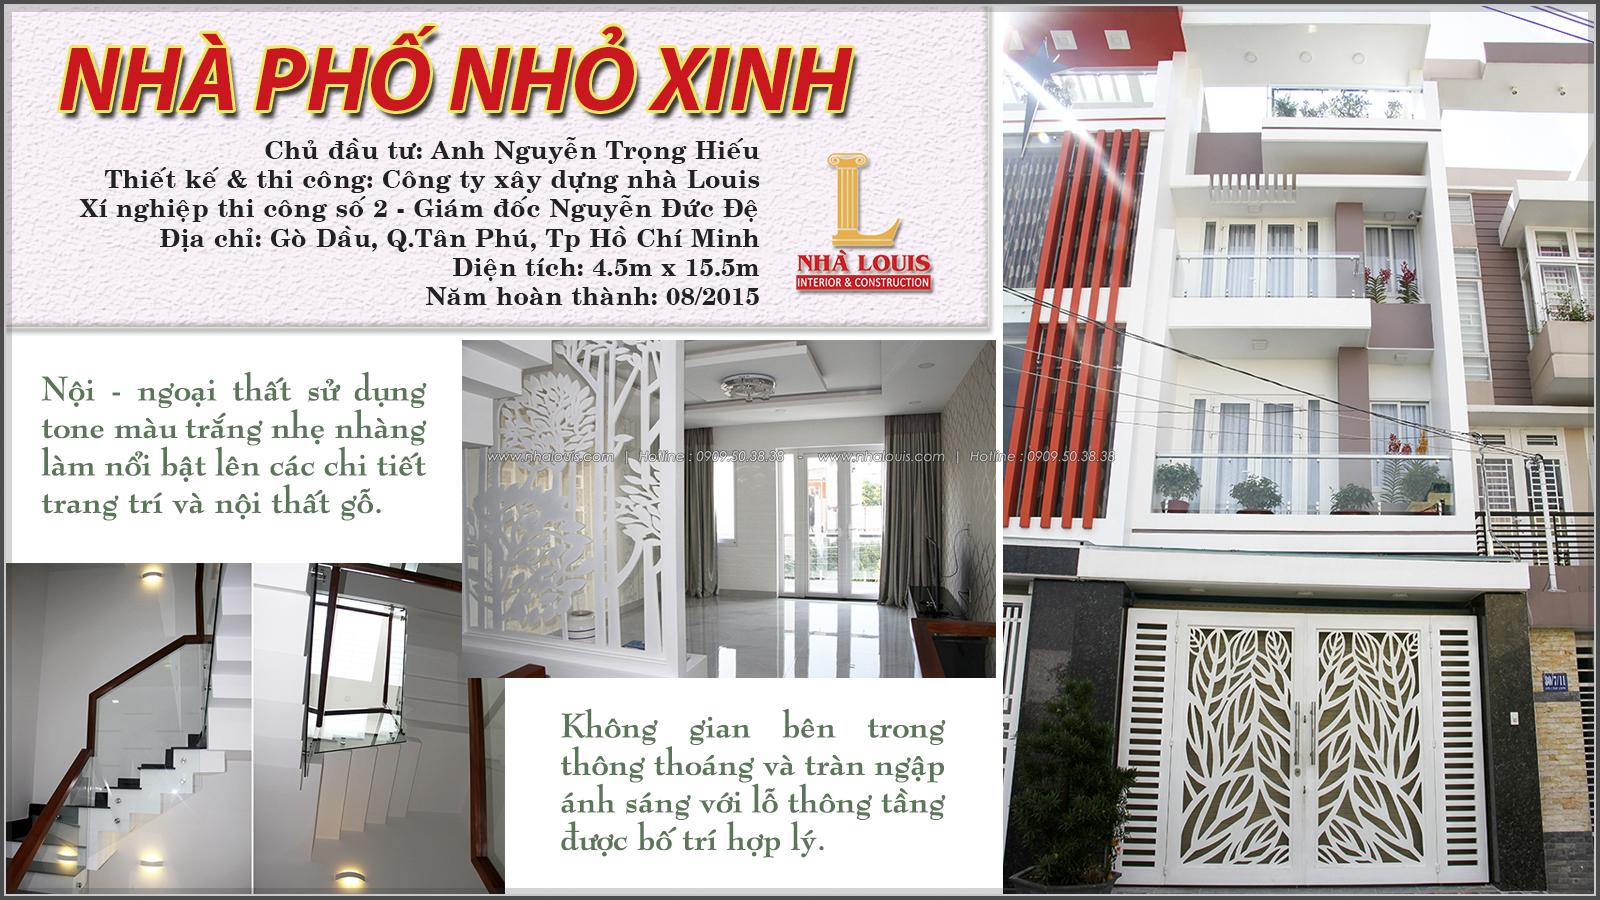 Thi công xây dựng nhà phố phong cách hiện đại cao 3 tầng tại Tân Phú - 01